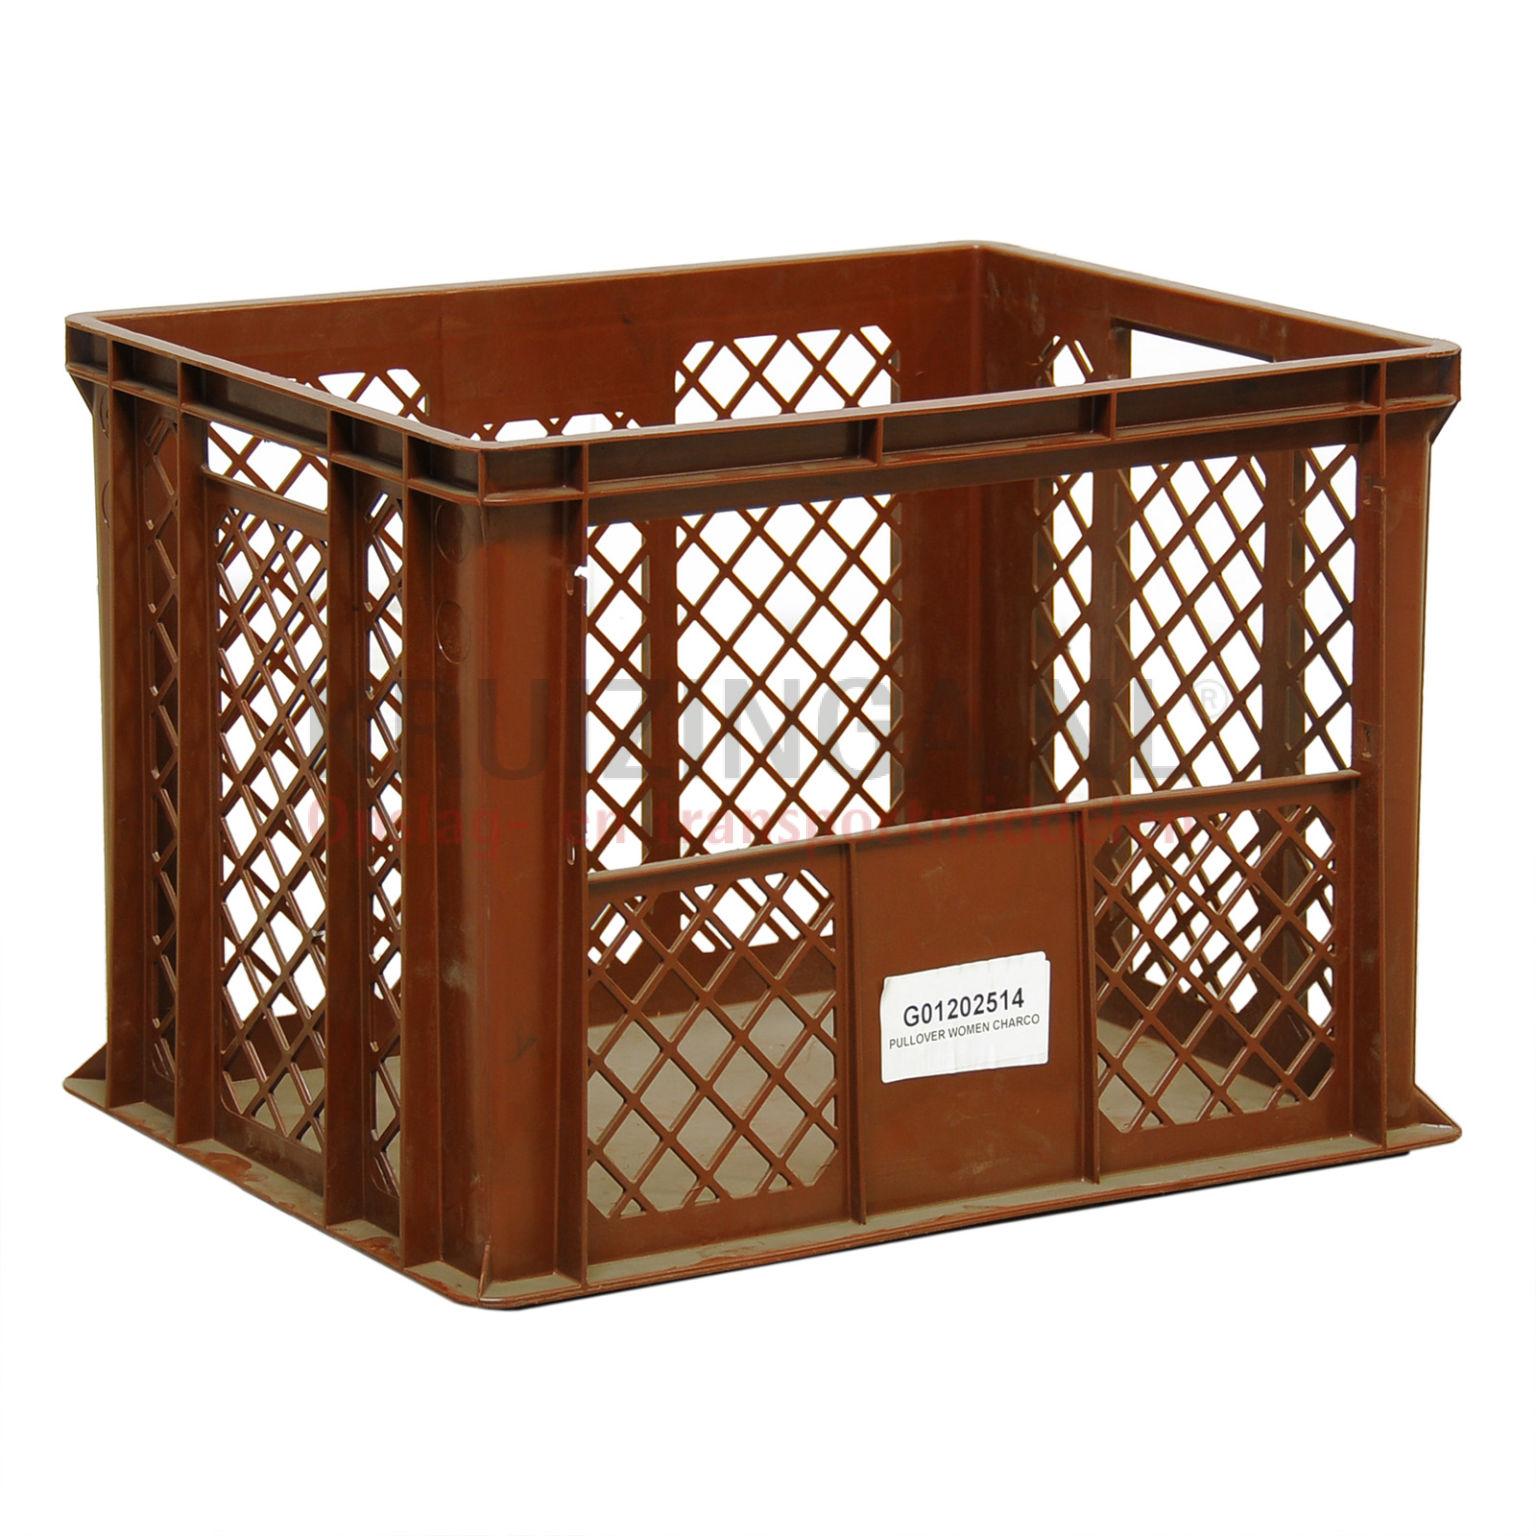 stapelboxen kunststoff mit griff ffnung perforierte w nde geschlossener boden gebraucht. Black Bedroom Furniture Sets. Home Design Ideas